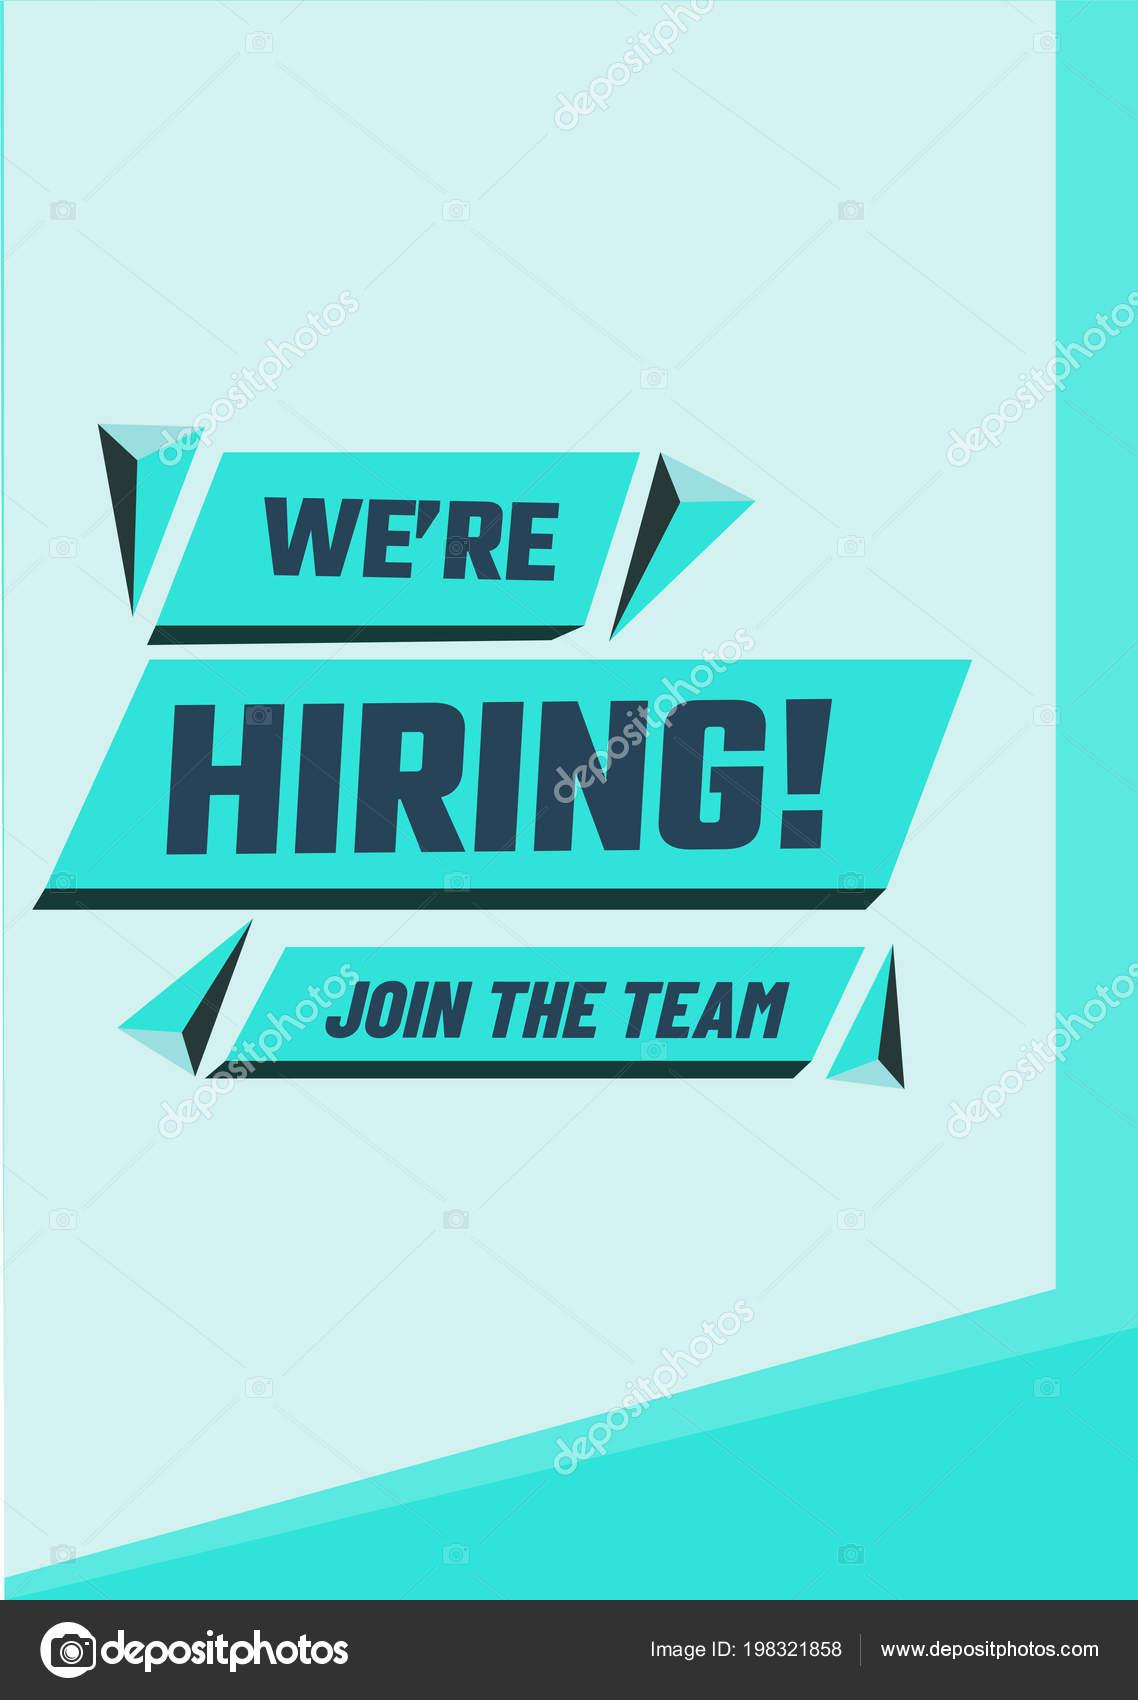 hiring poster banner design job vacancy advertisement